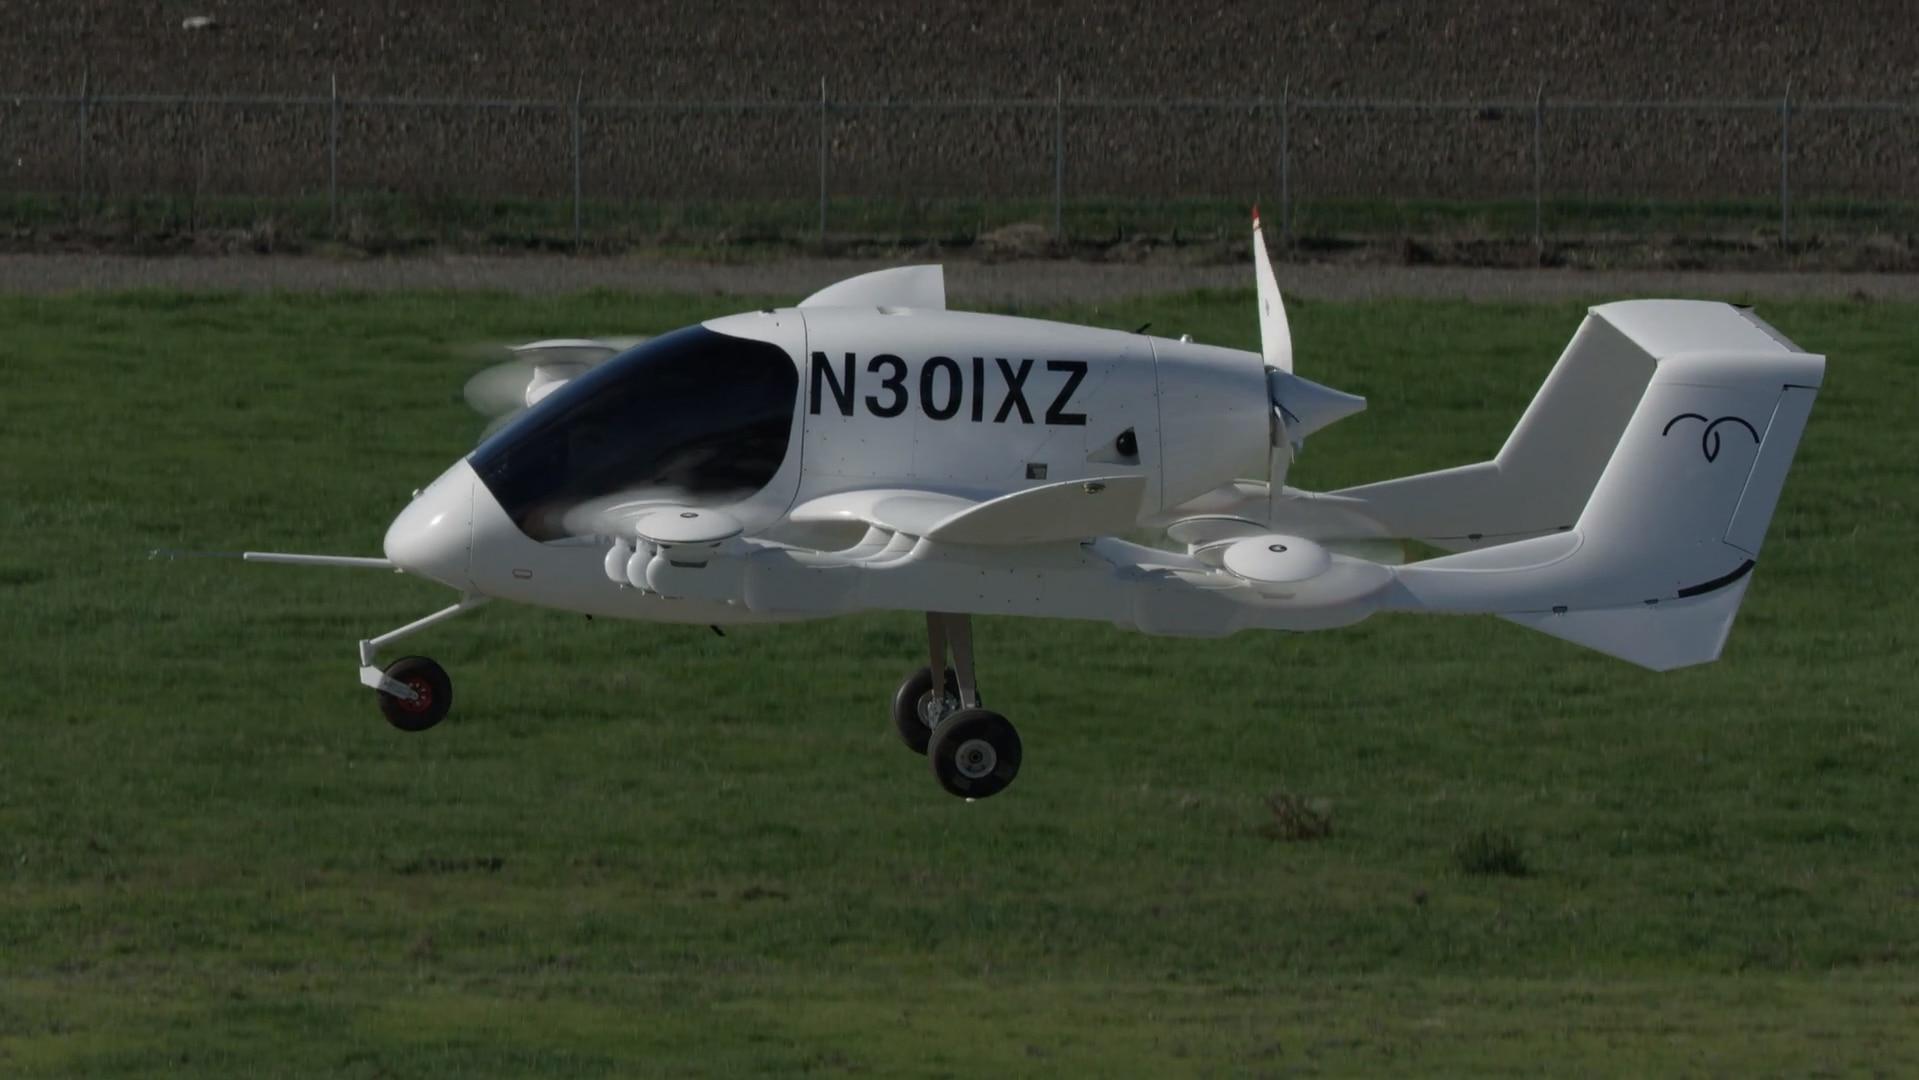 Des taxis volants dans le ciel de Nouvelle-Zélande d'ici 2022